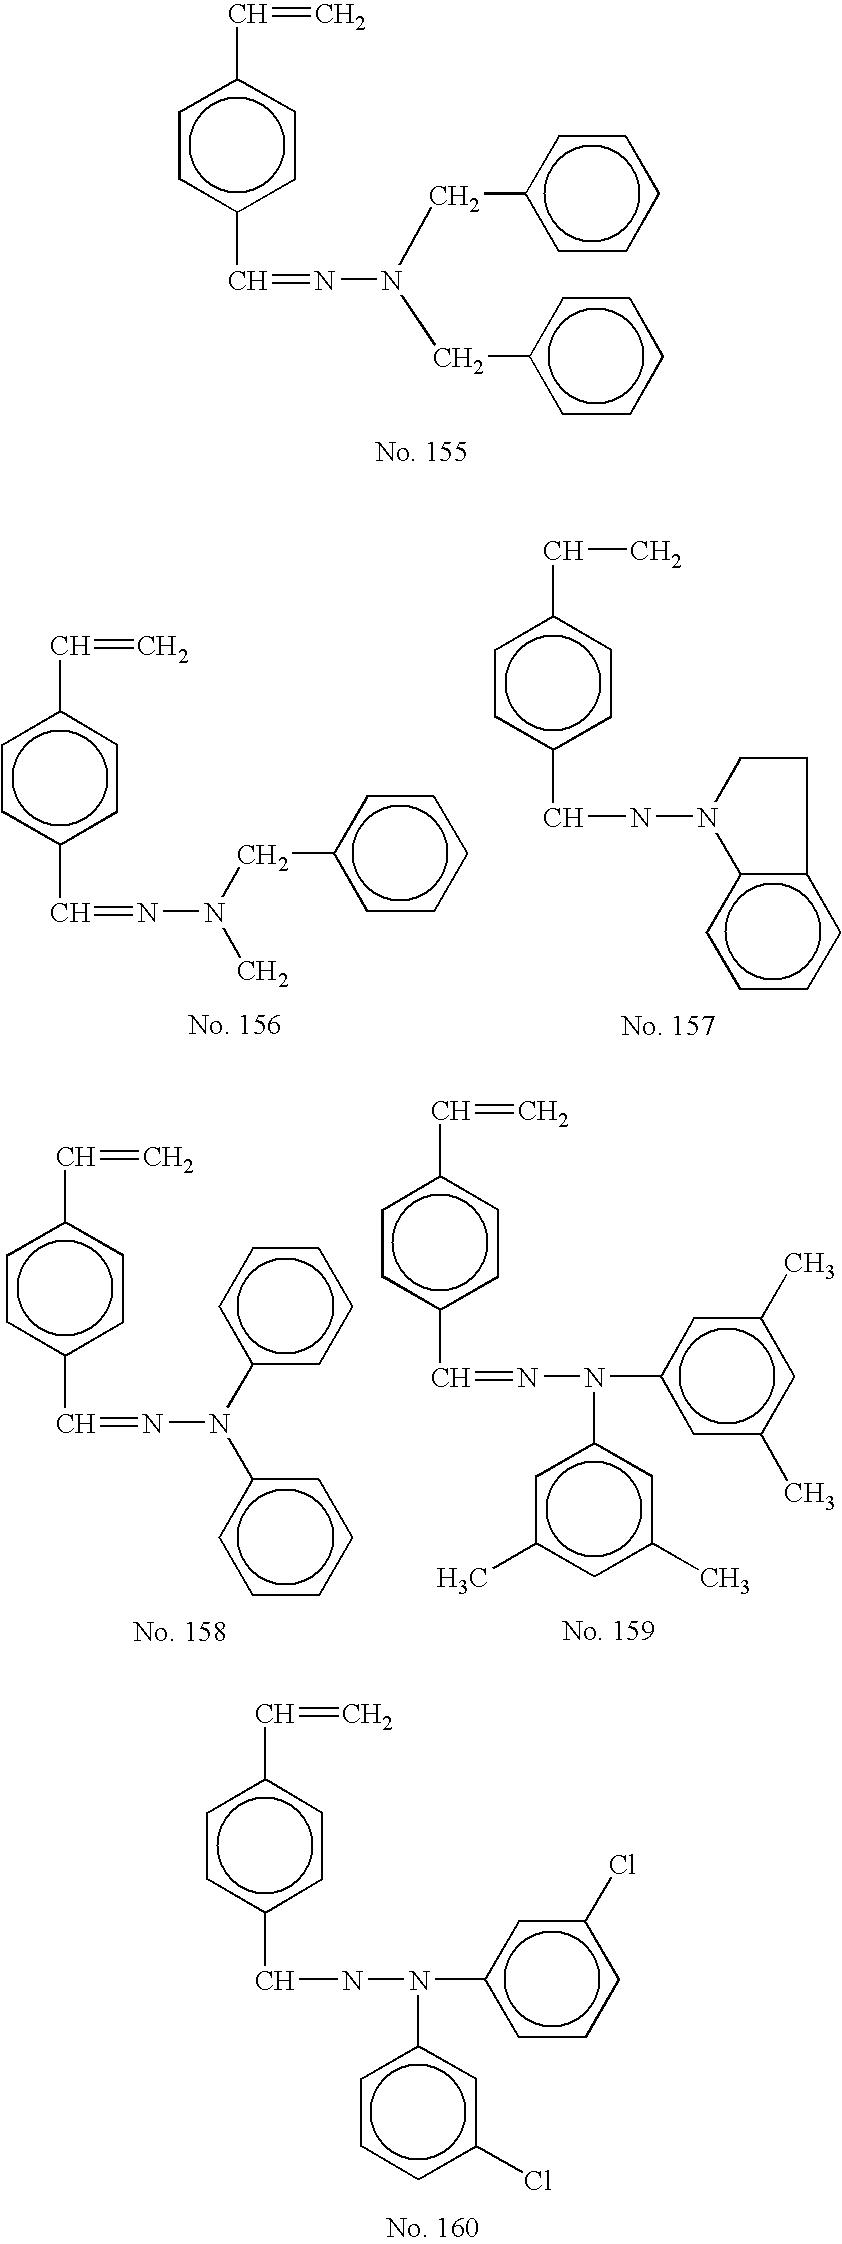 Figure US20070196749A1-20070823-C00052